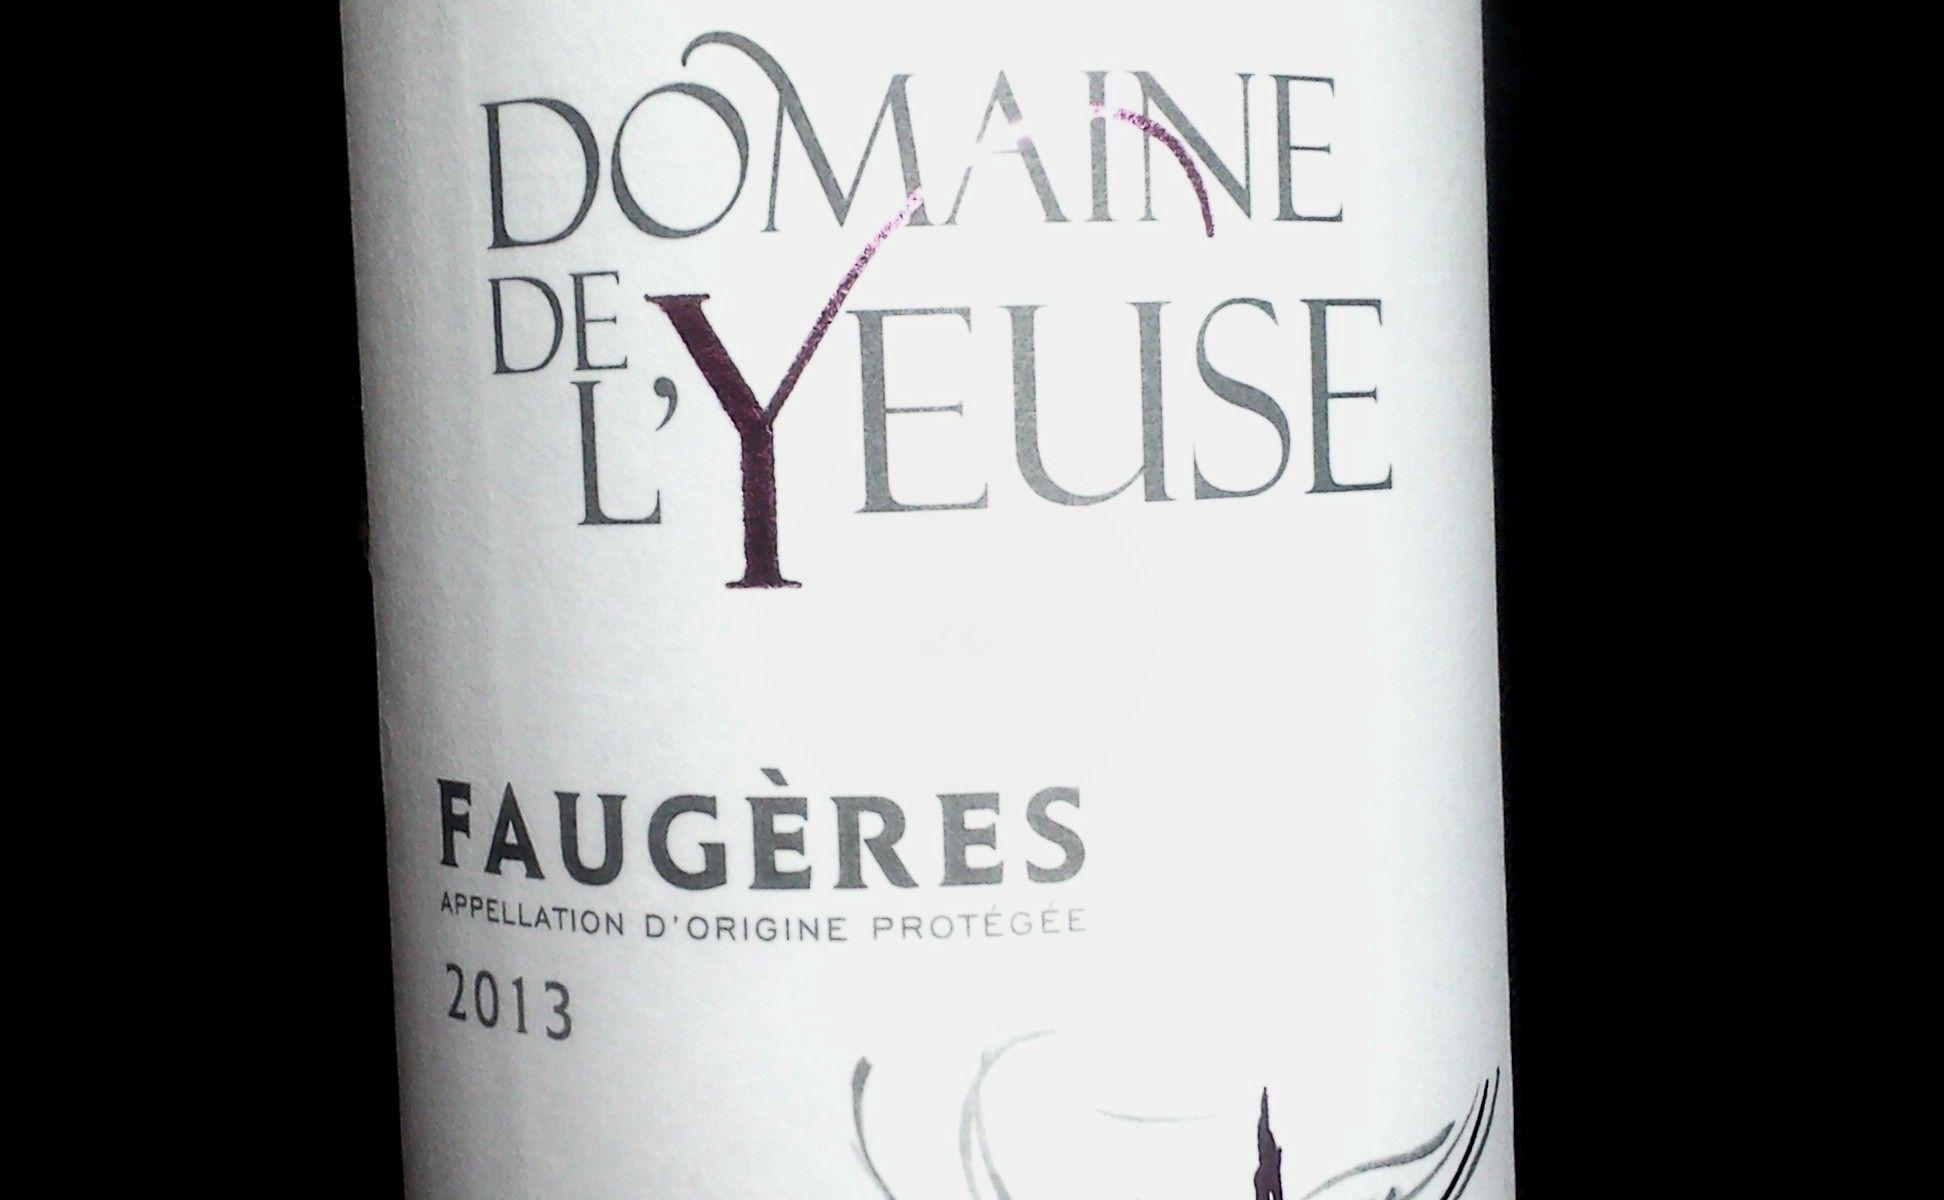 Domaine de l'Yeuse Faugères AOC 2013